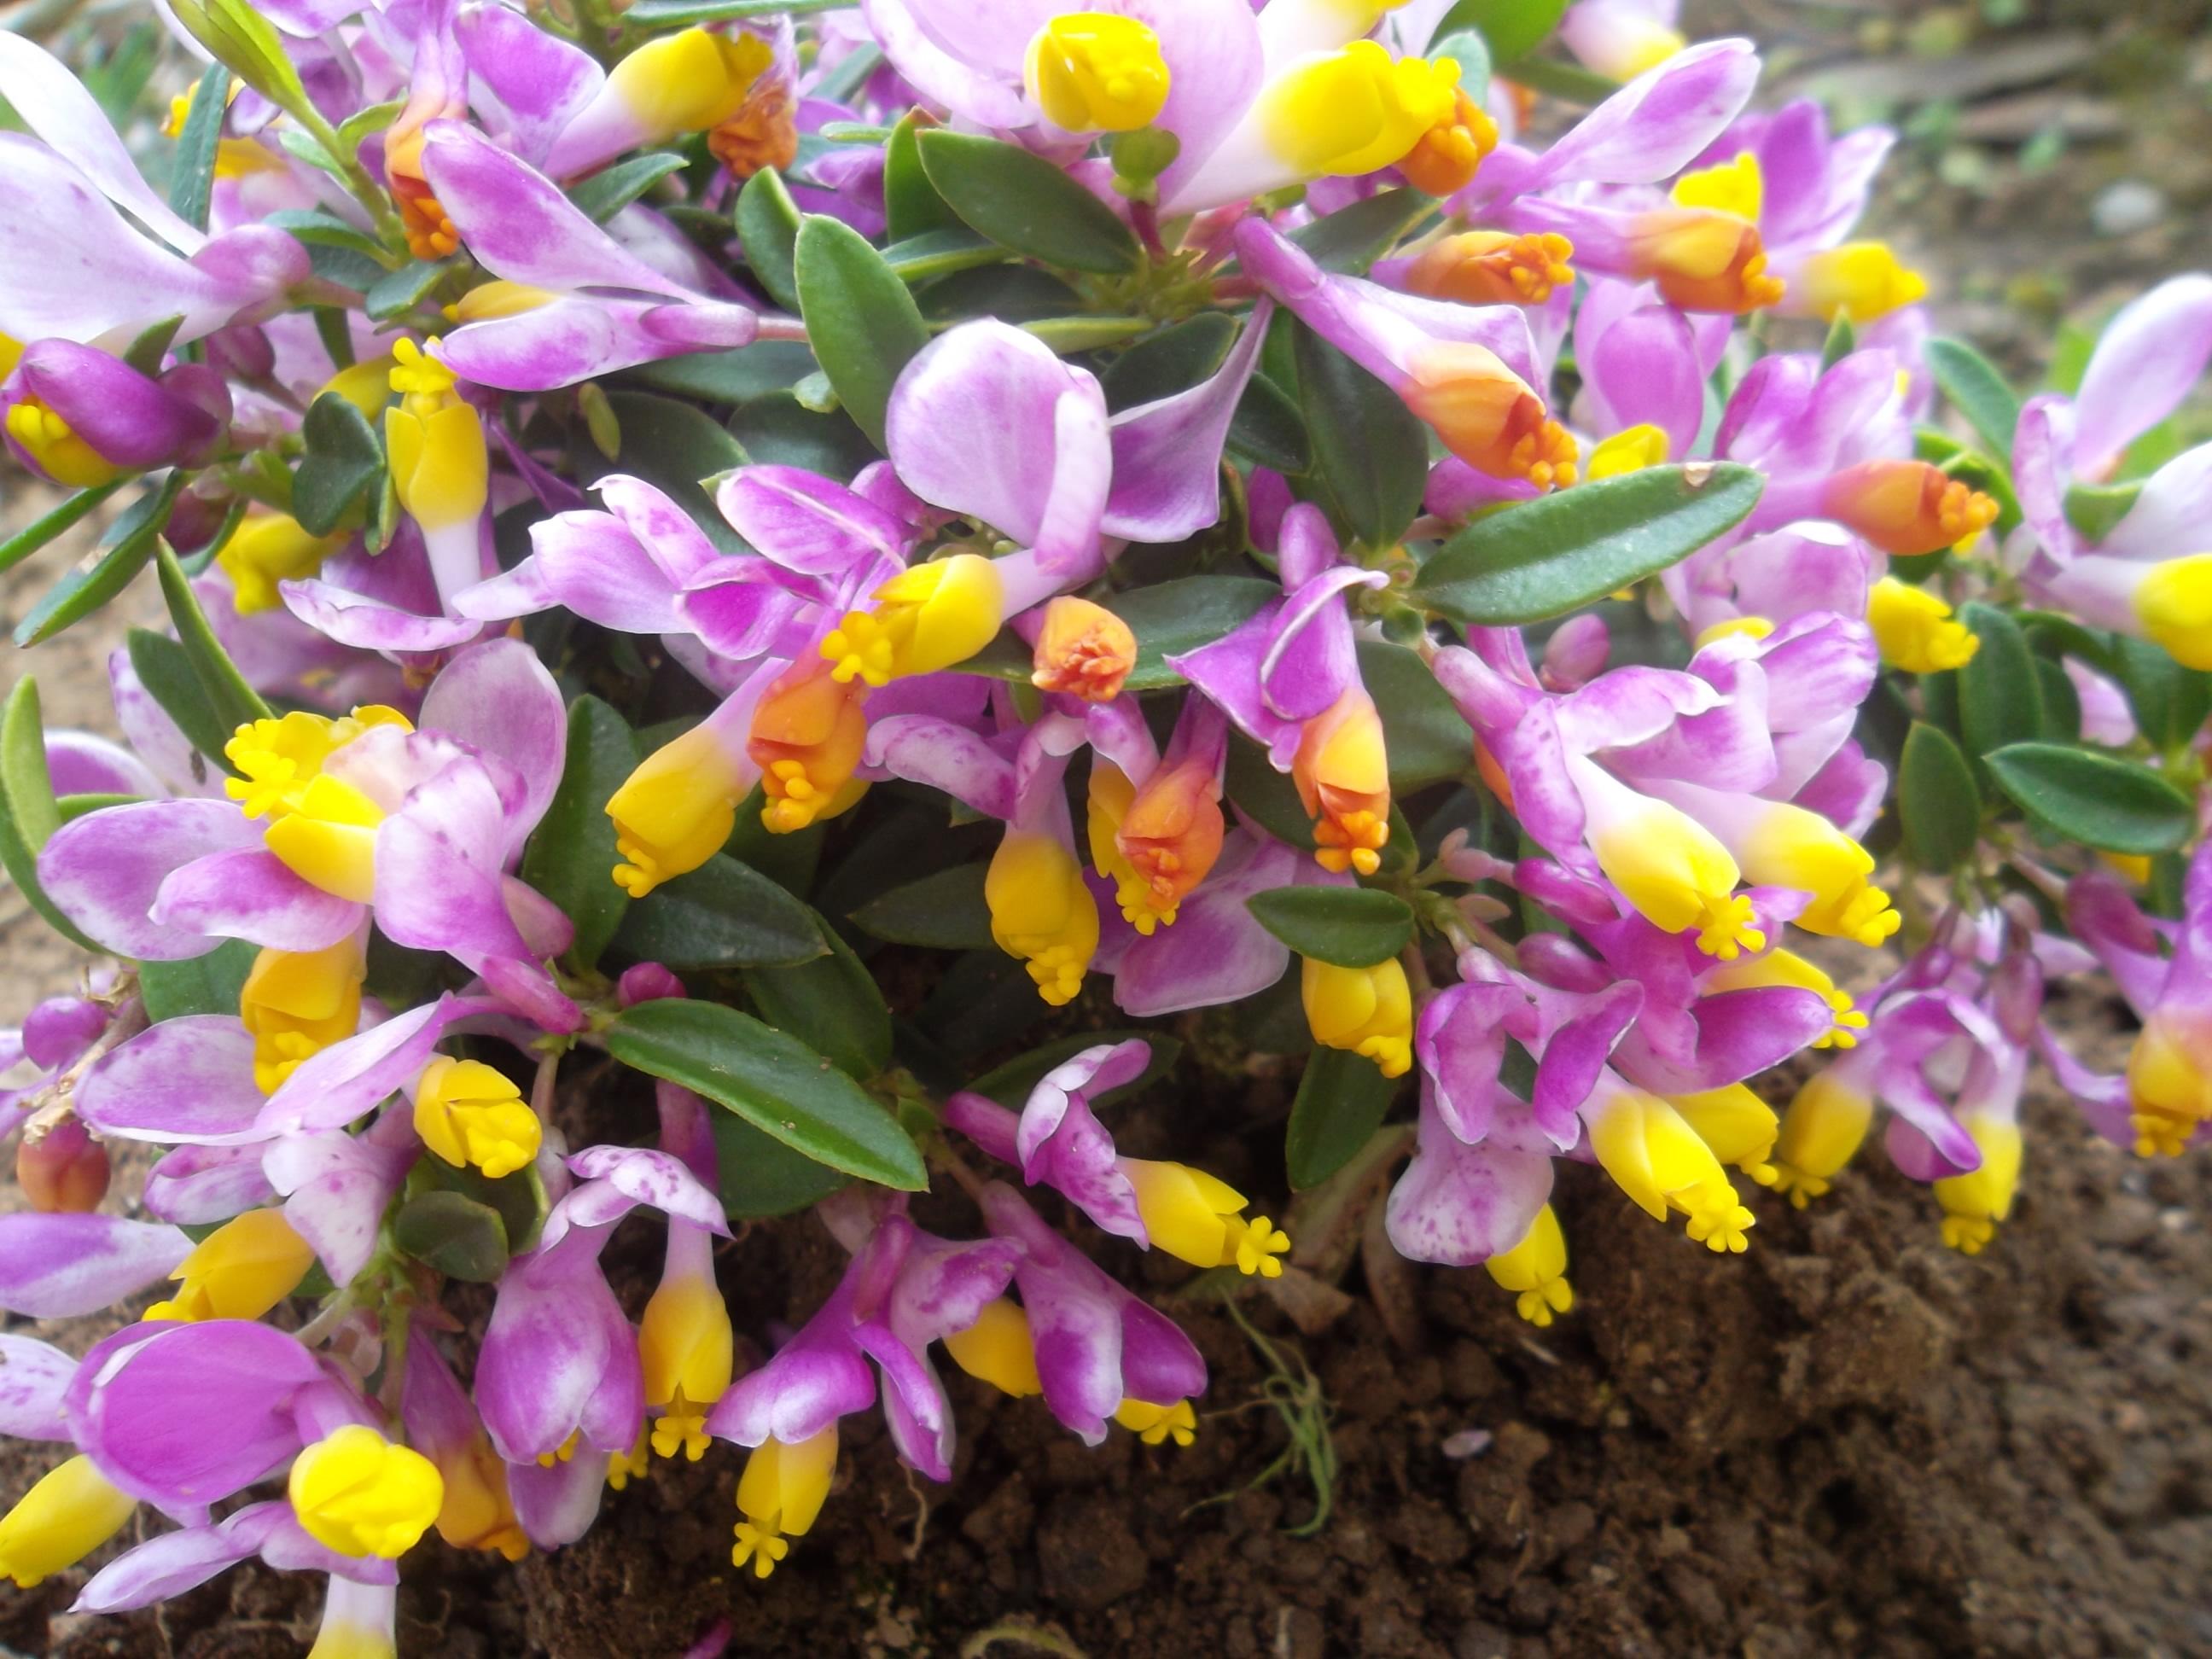 Polygala plante vivace fleurs rose et jaune odorante for Plantes a fleurs vivaces